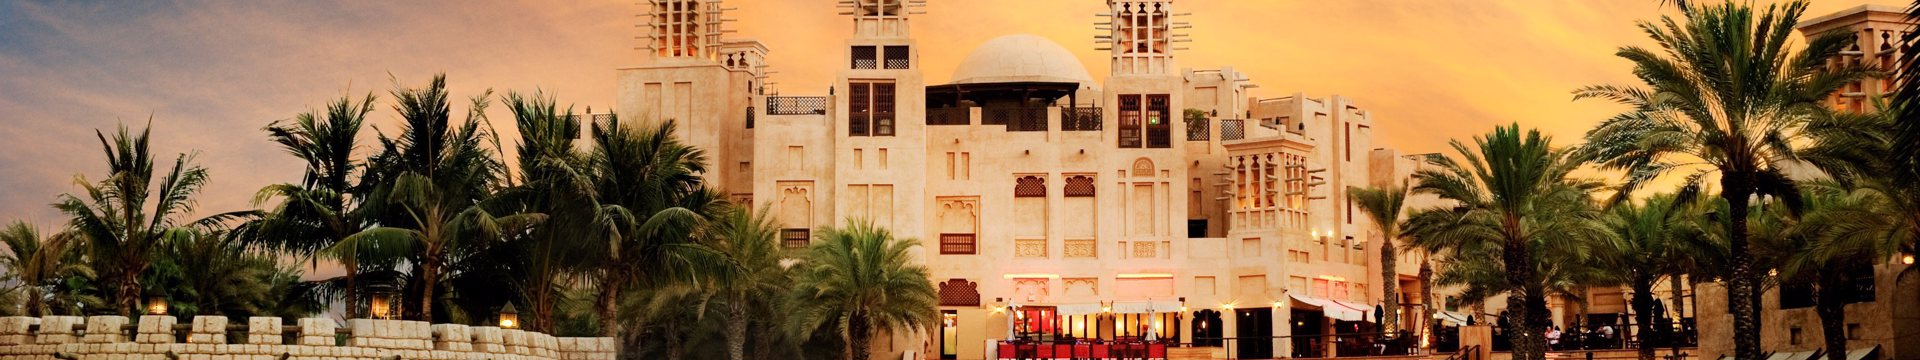 Verenigde Arabische Emiraten